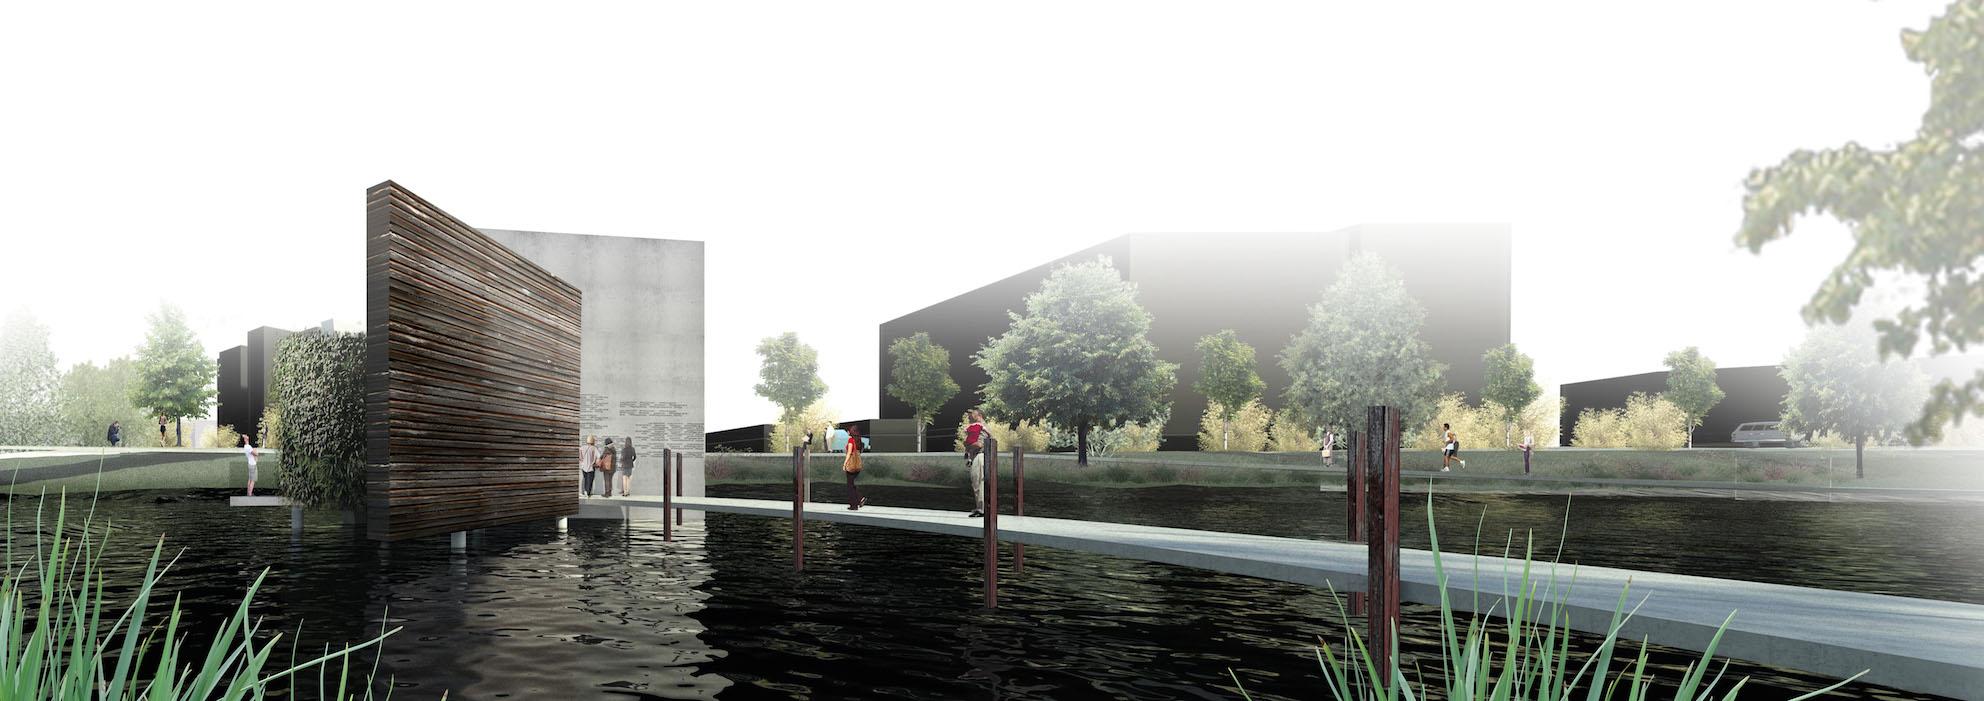 Christchurch earthquake memorial rainsford architecture for Architects christchurch